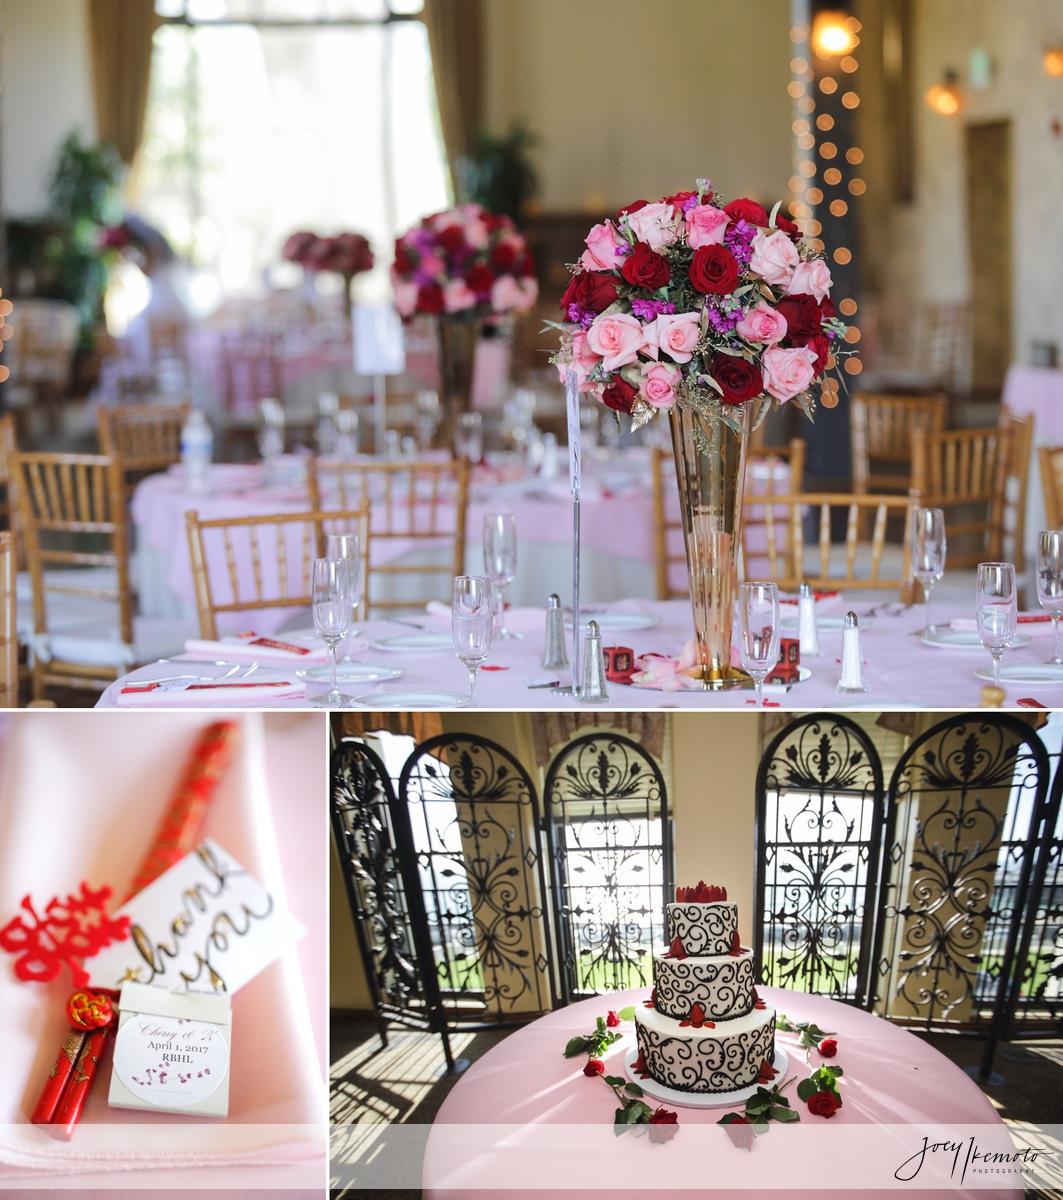 Redondo Beach Historic Library Wedding Ziqing and Cherry